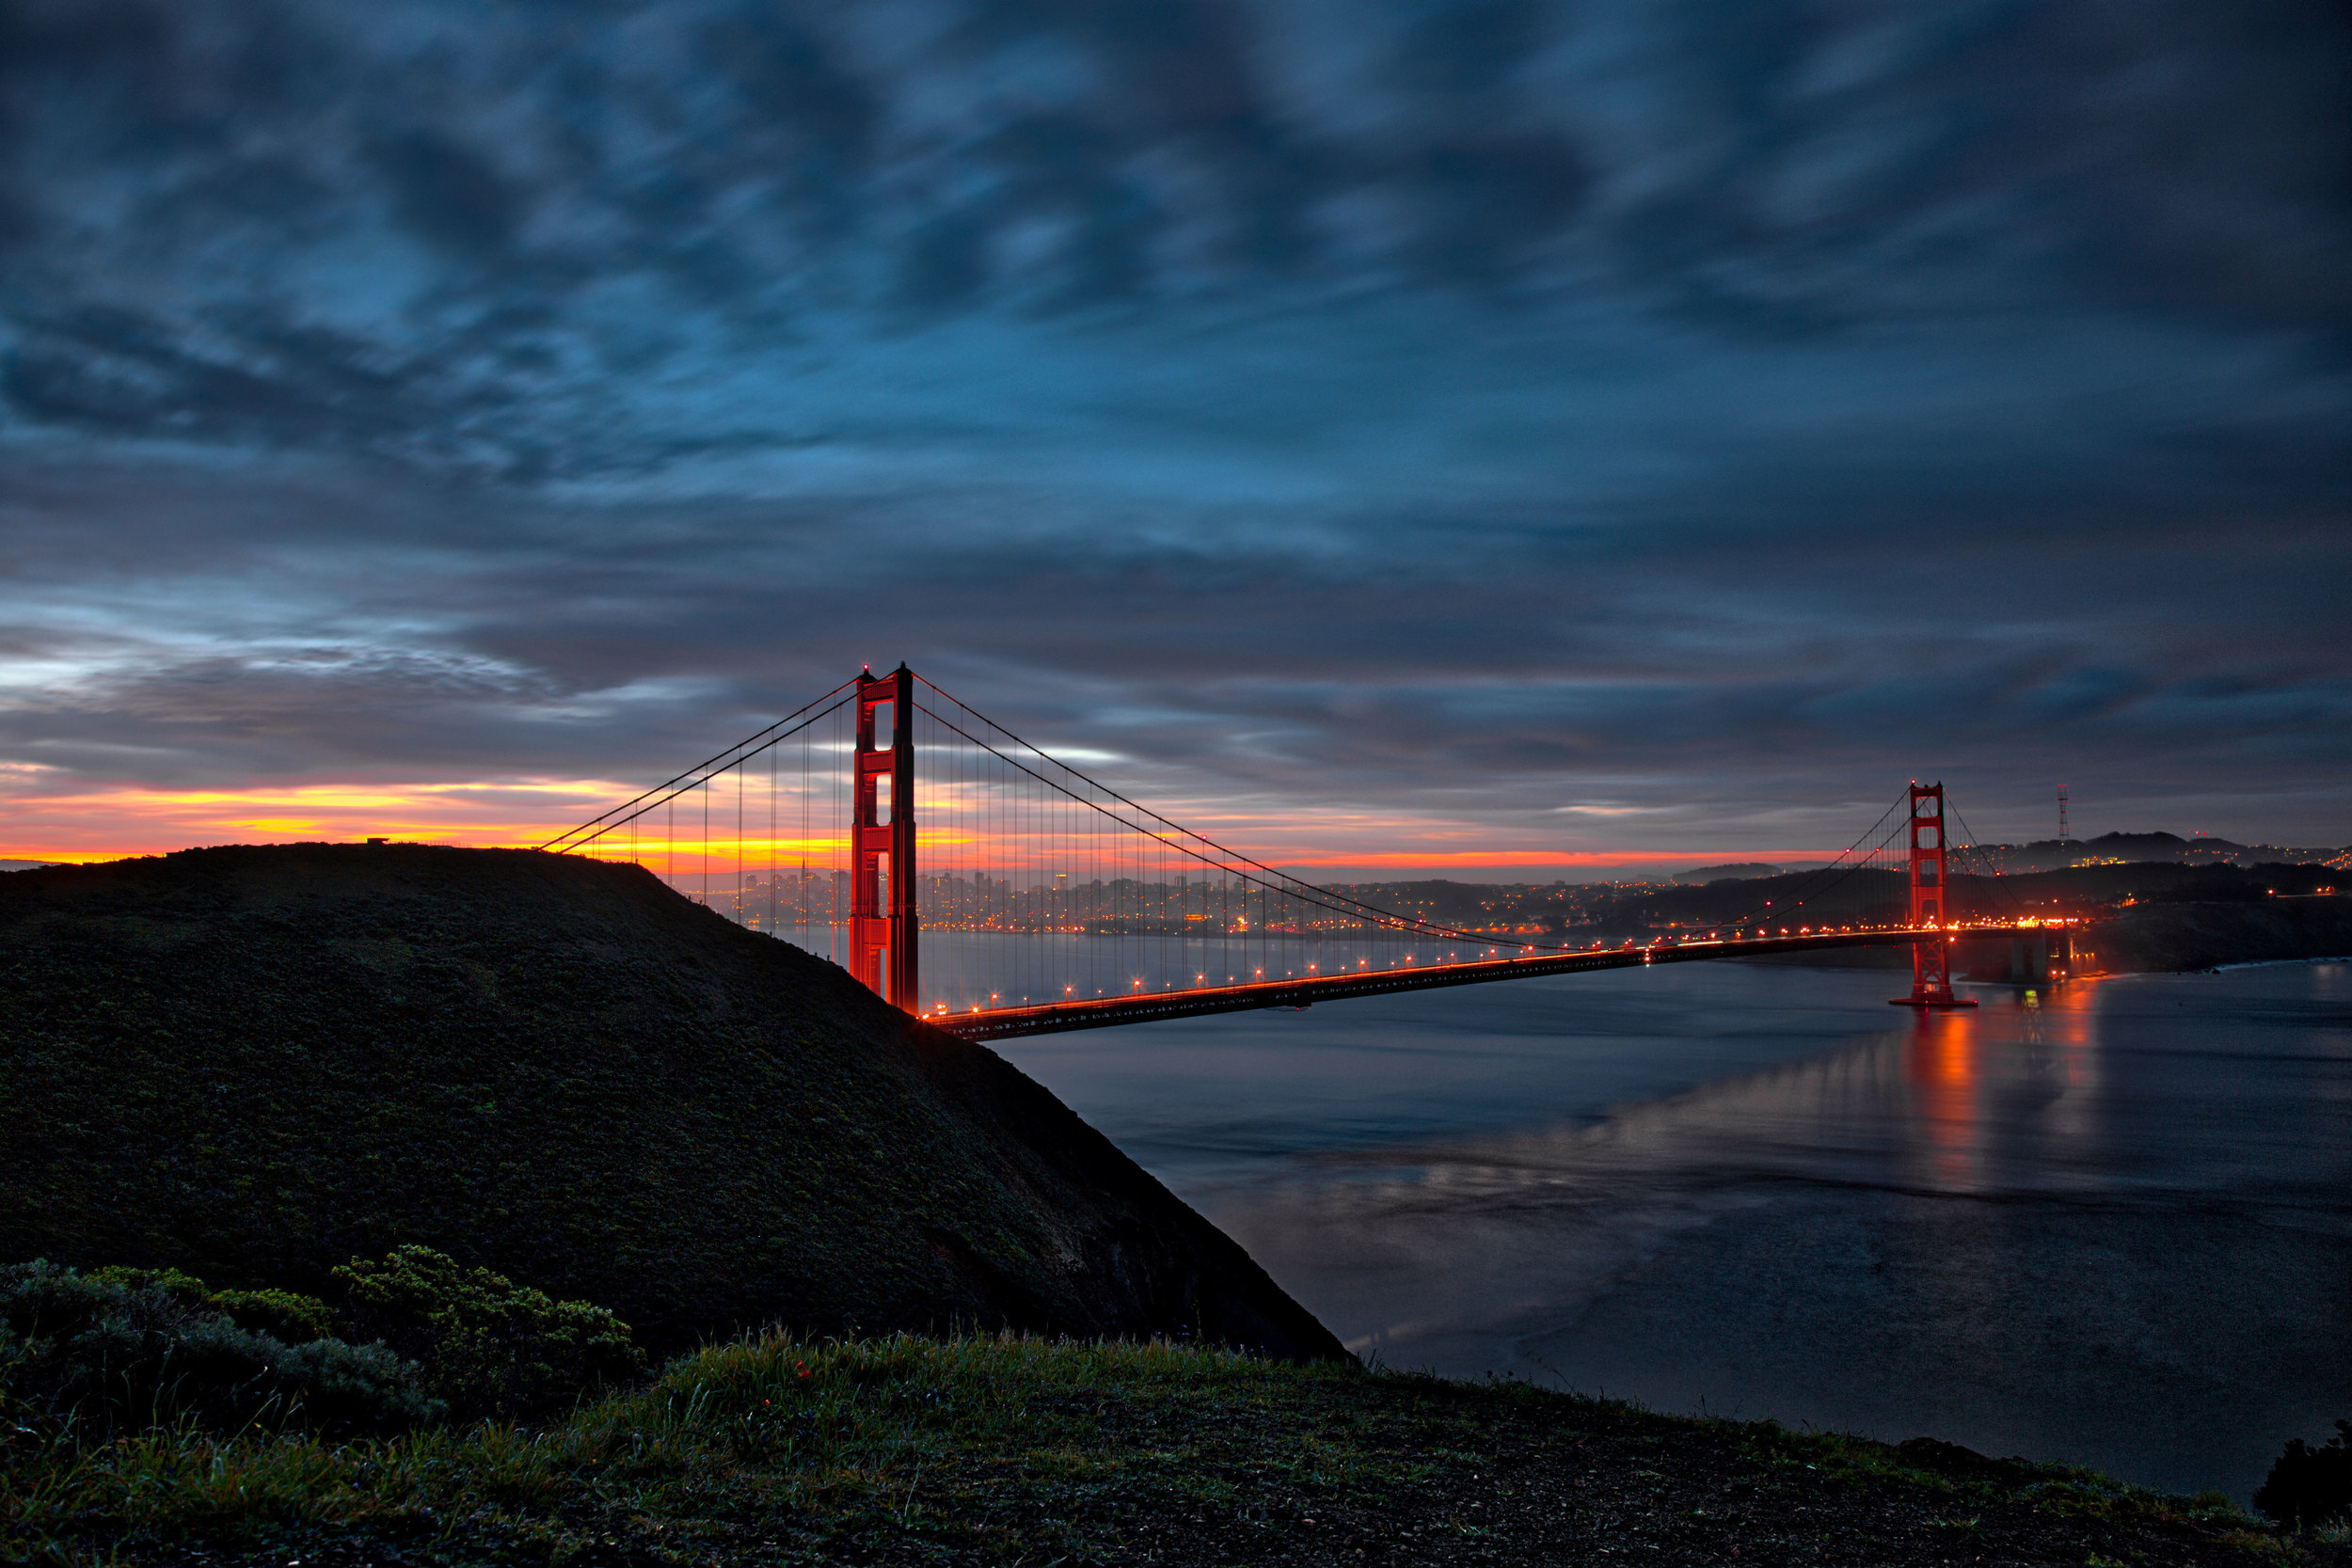 Goldengatebridgesunrise2_HDR.jpg